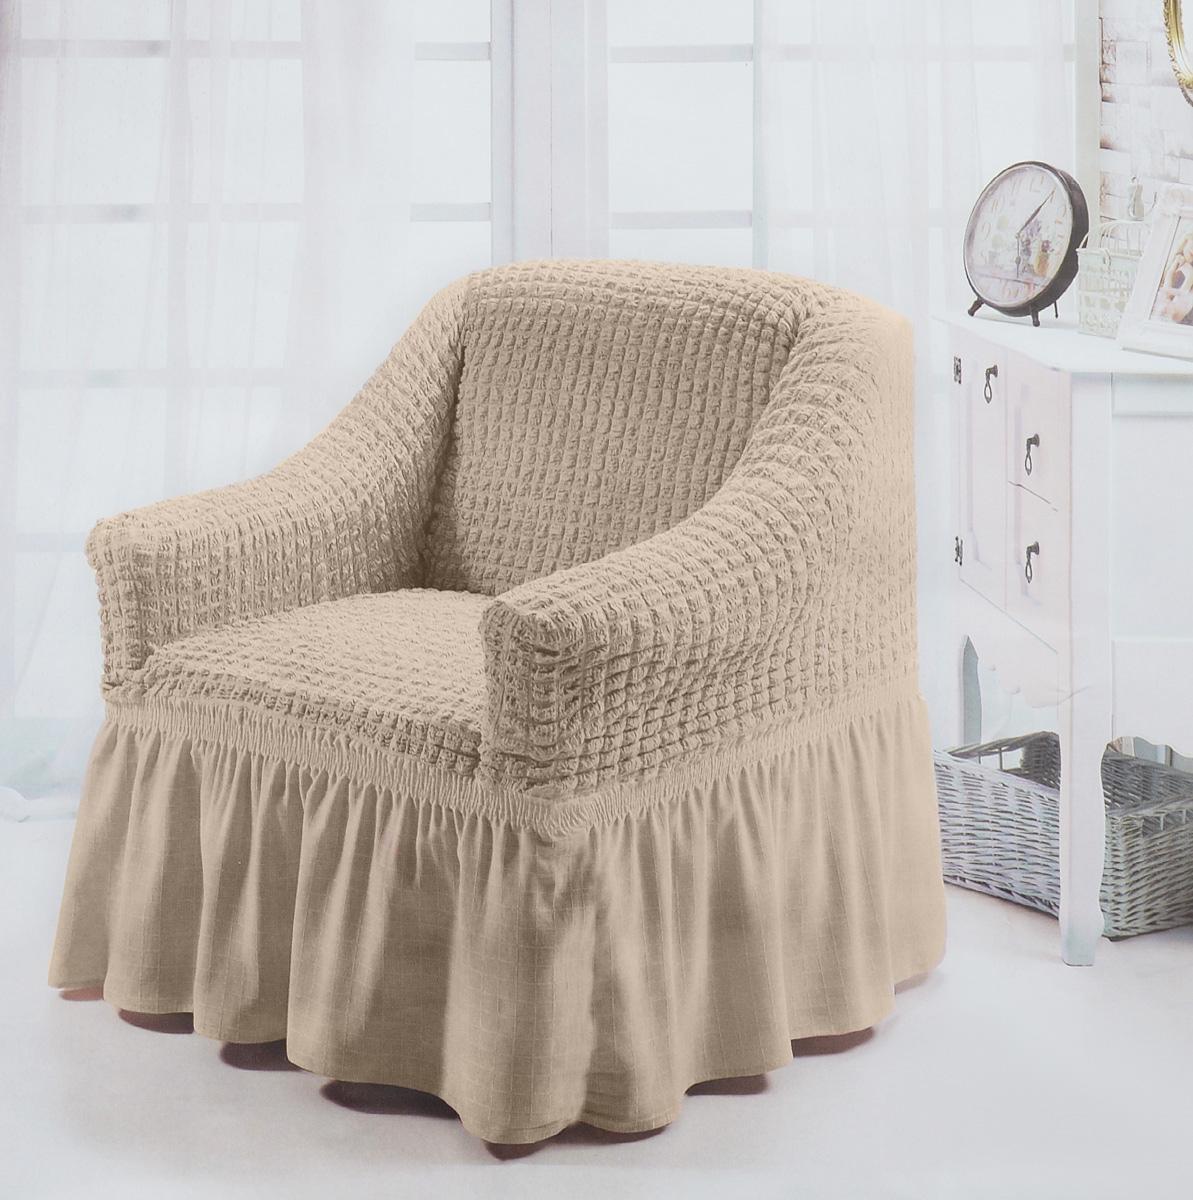 Чехол для кресла Burumcuk Bulsan, цвет: кофейный1796/CHAR012Чехол на кресло Burumcuk Bulsan выполнен из высококачественного полиэстера и хлопка с красивым рельефом. Предназначен для кресла стандартного размера со спинкой высотой в 140 см. Такой чехол изысканно дополнит интерьер вашего дома. Изделие оснащено закрывающей оборкой.Ширина и глубина посадочного места: 70-80 см.Высота спинки от сиденья: 70-80 см.Высота подлокотников: 35-45 см.Ширина подлокотников: 25-35 см.Длина оборки: 35 см.